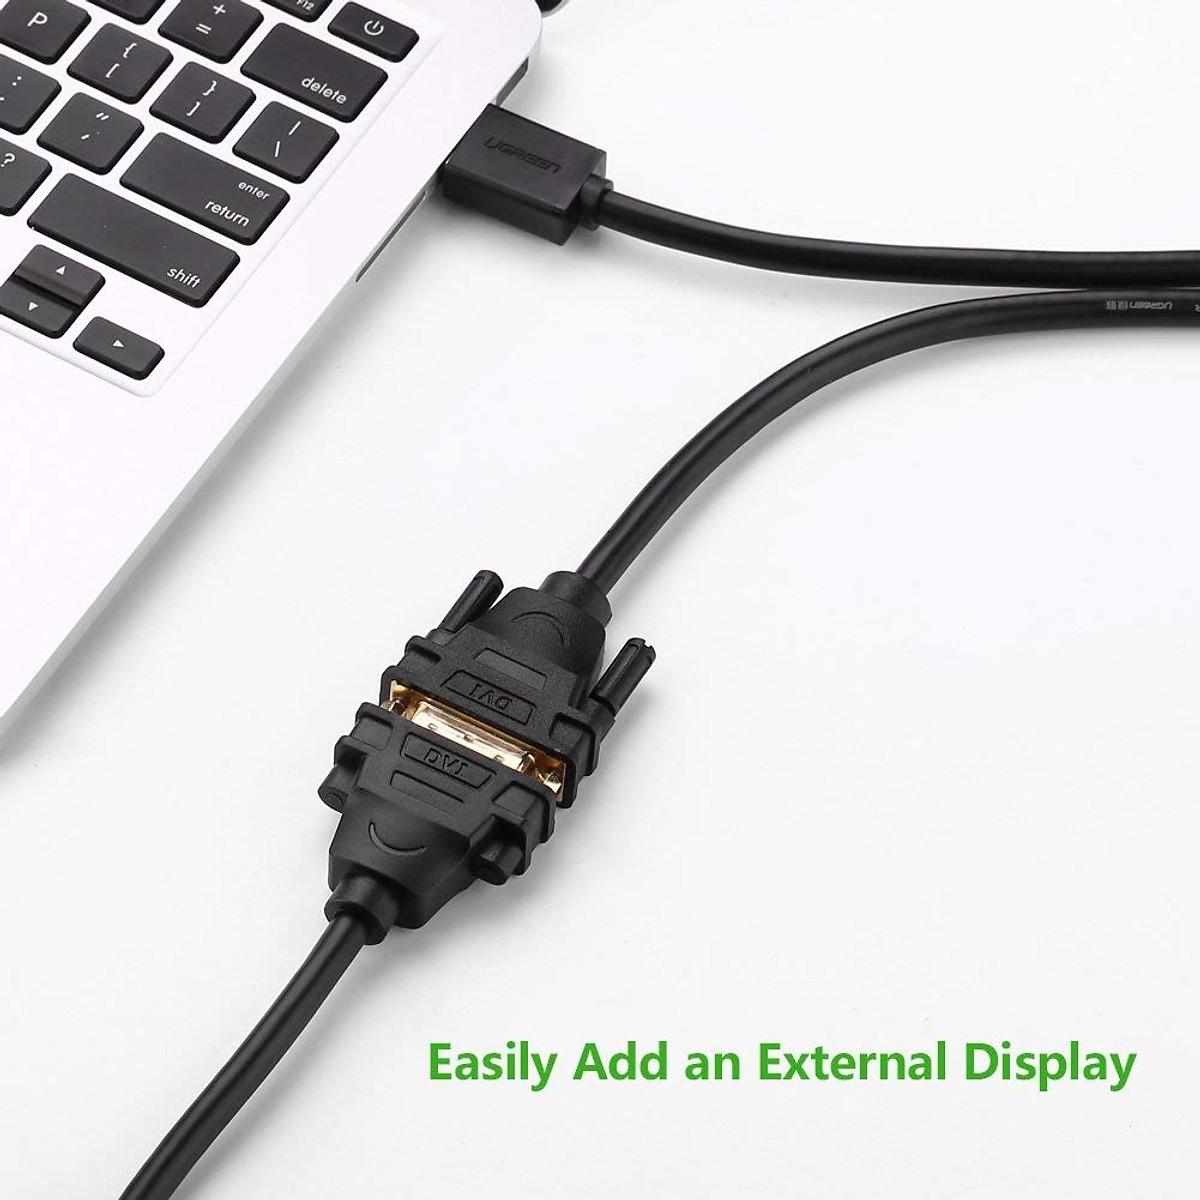 Cáp chuyển đồi HDMI sang DVI-D 24+1 cao cấp UGreen dài 3m (chuyển đổi 2 chiều) - Hàng chính hãng